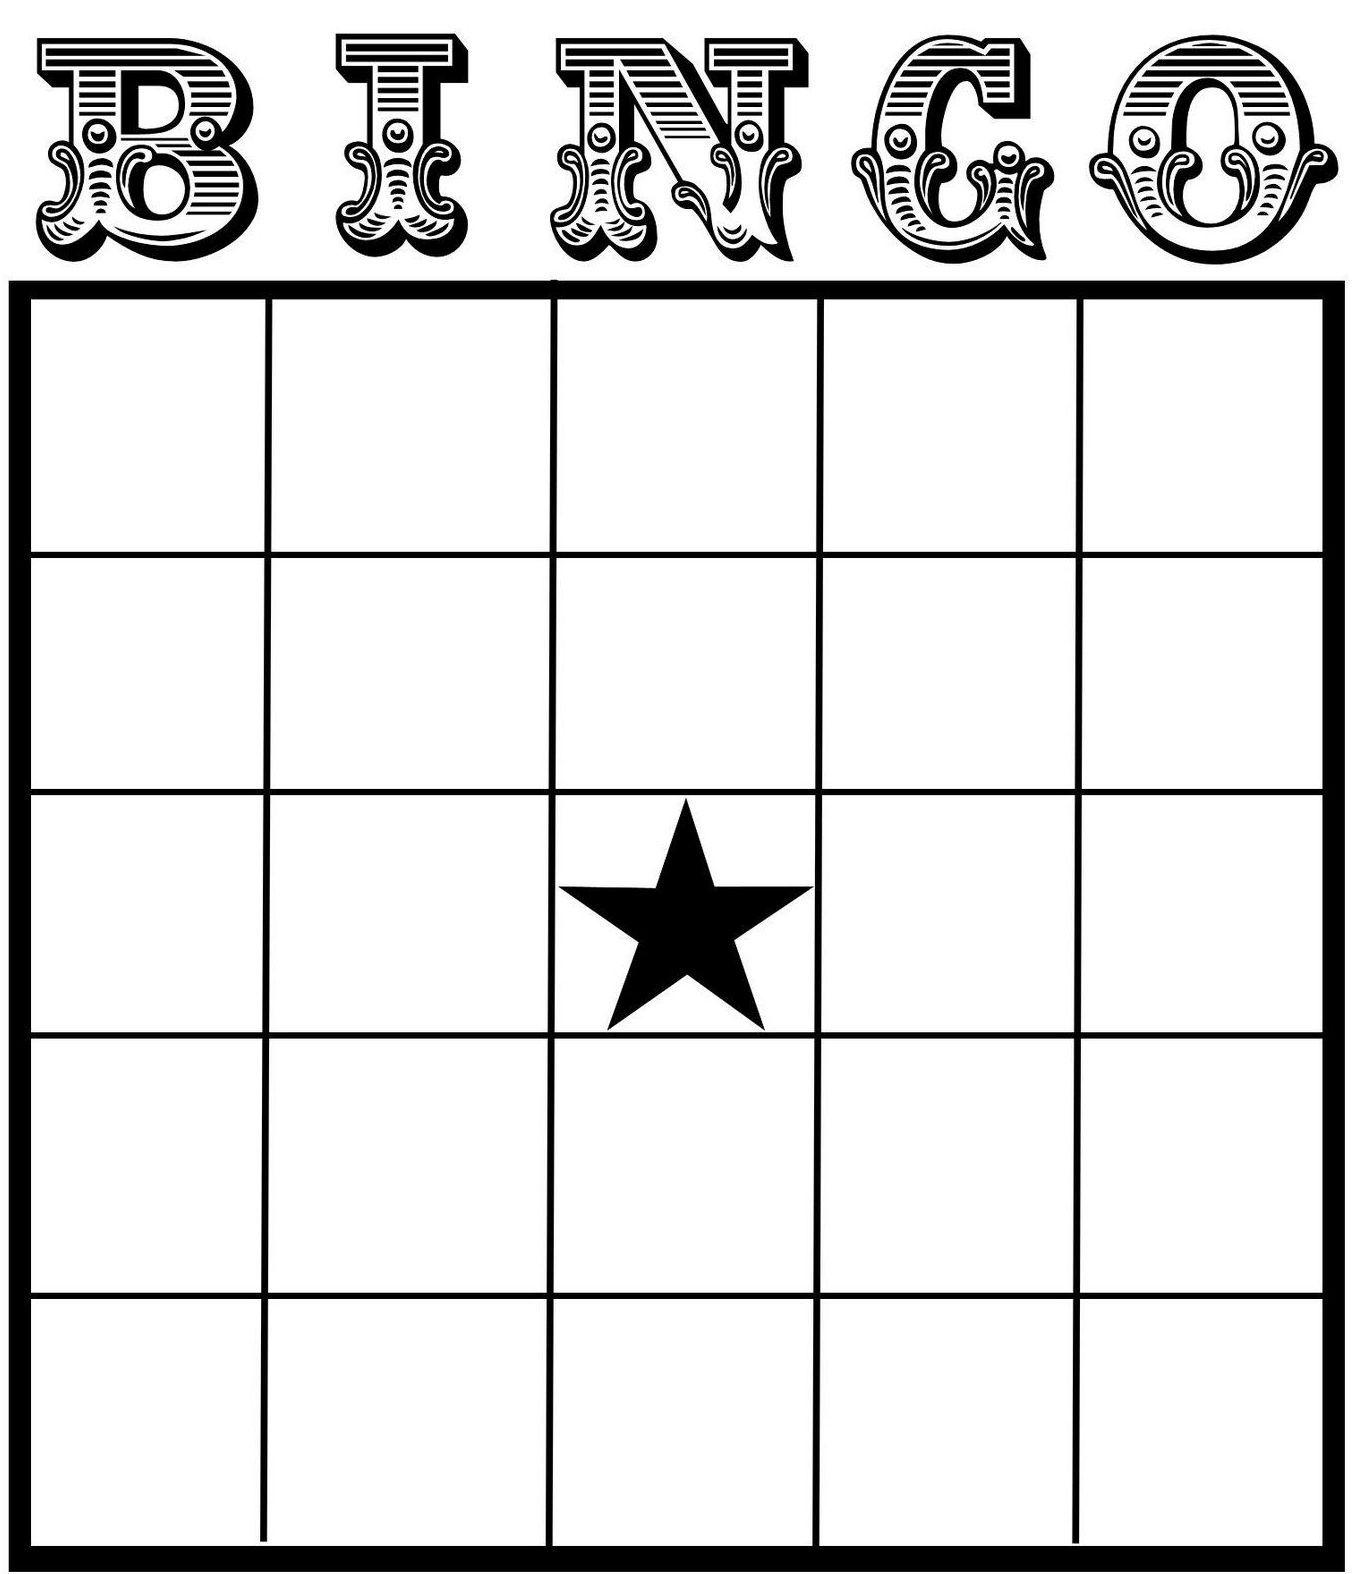 Blank Bingo Card Template Bingo Card Template Blank Bingo Cards